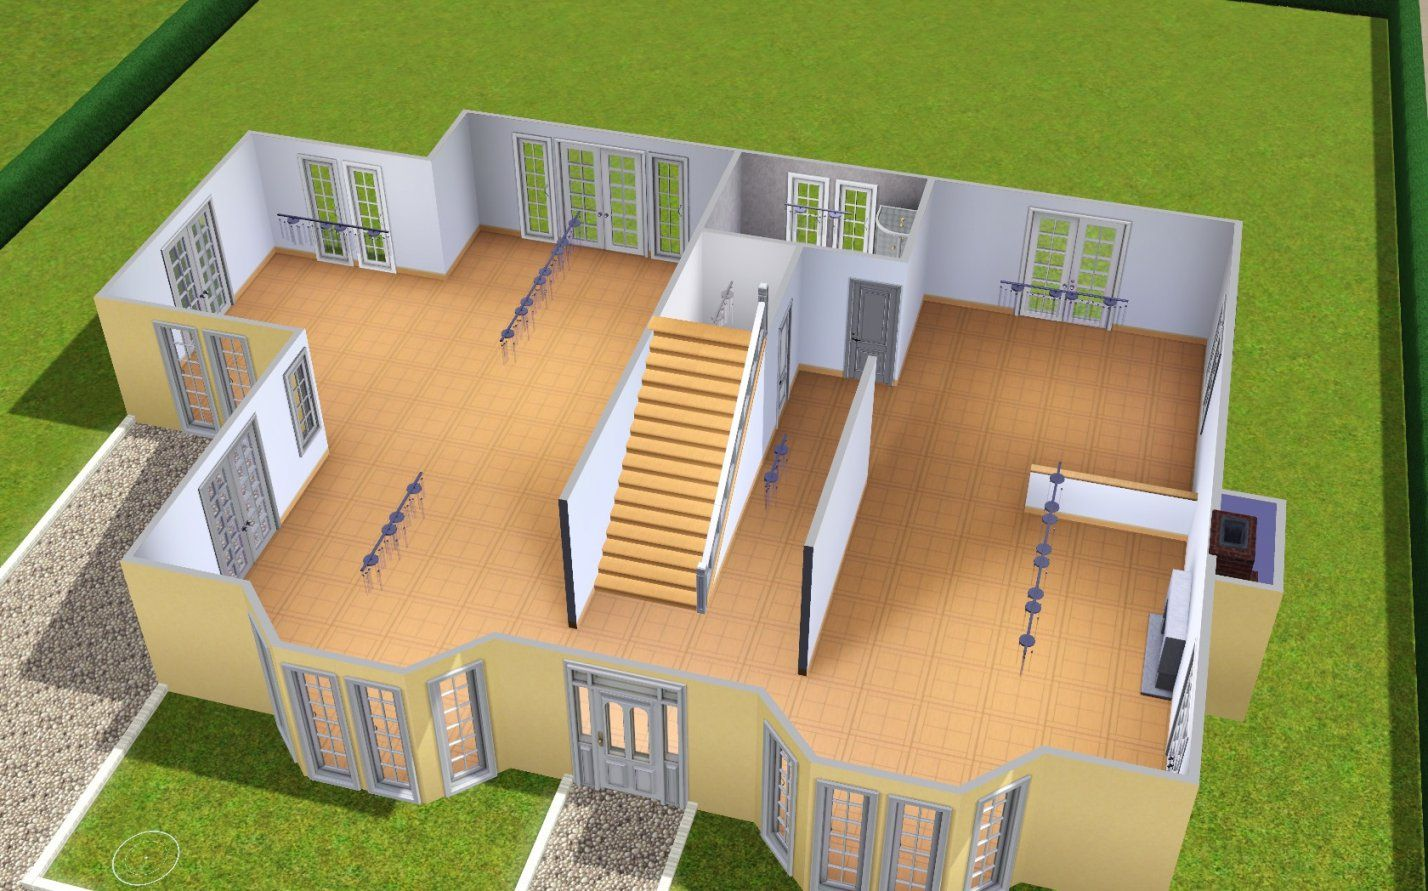 Sims 4 Haus Ideen von Sims 4 Häuser Bauen Ideen Photo